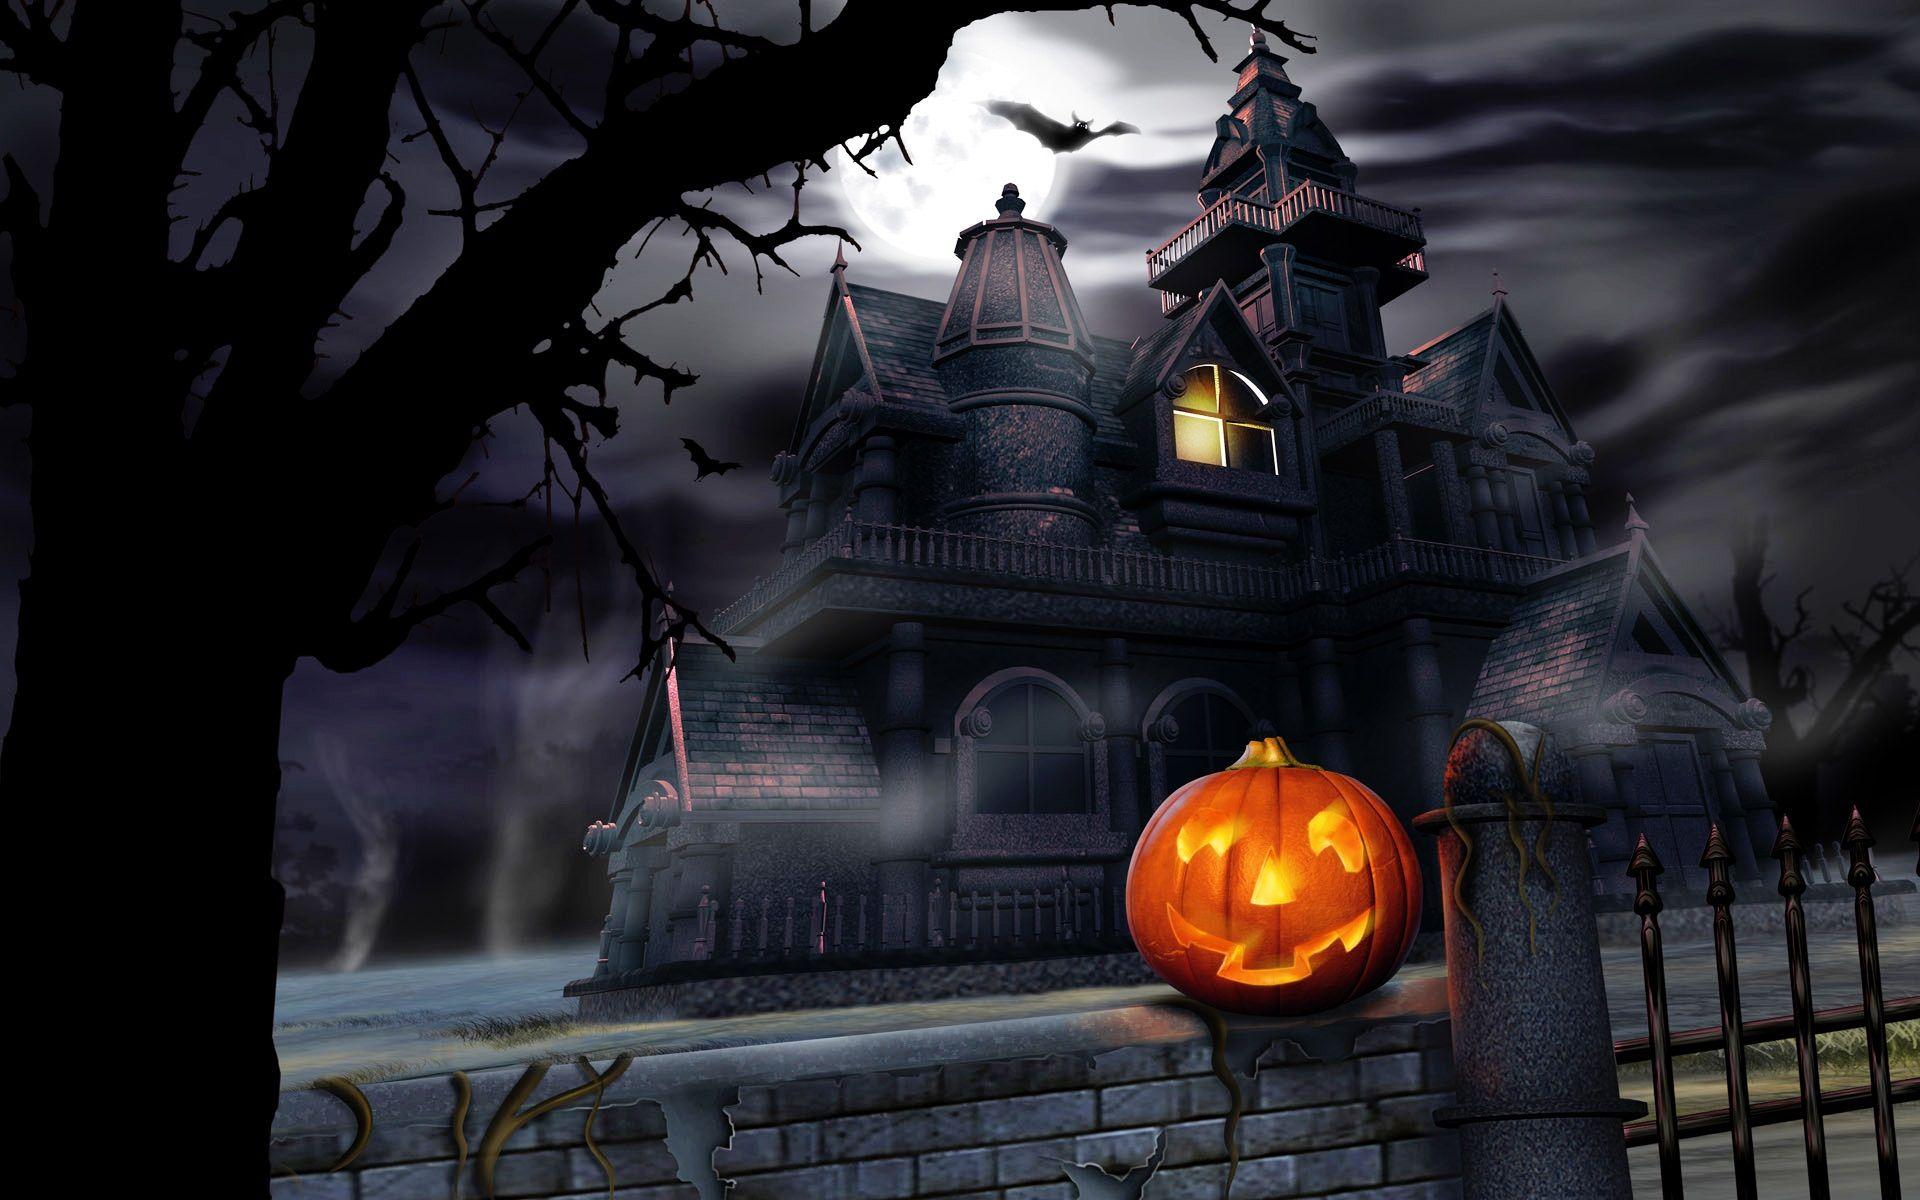 Spooky Halloween Desktop Wallpaper Halloween Pictures Halloween Wallpaper